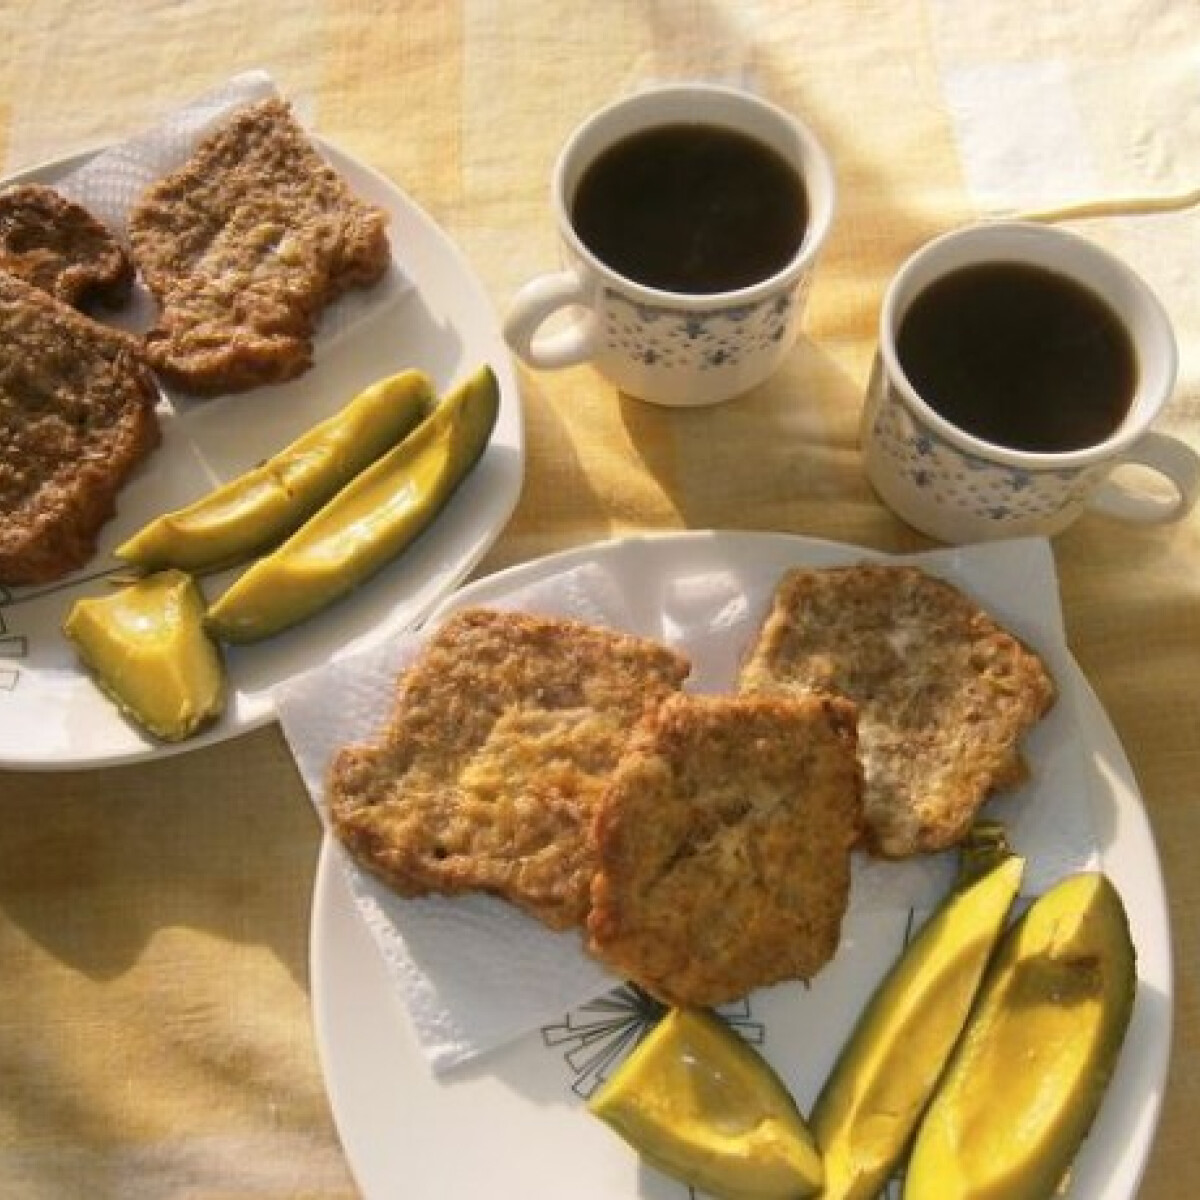 Ezen a képen: Fitness bundás kenyér avokádóval és kávéval